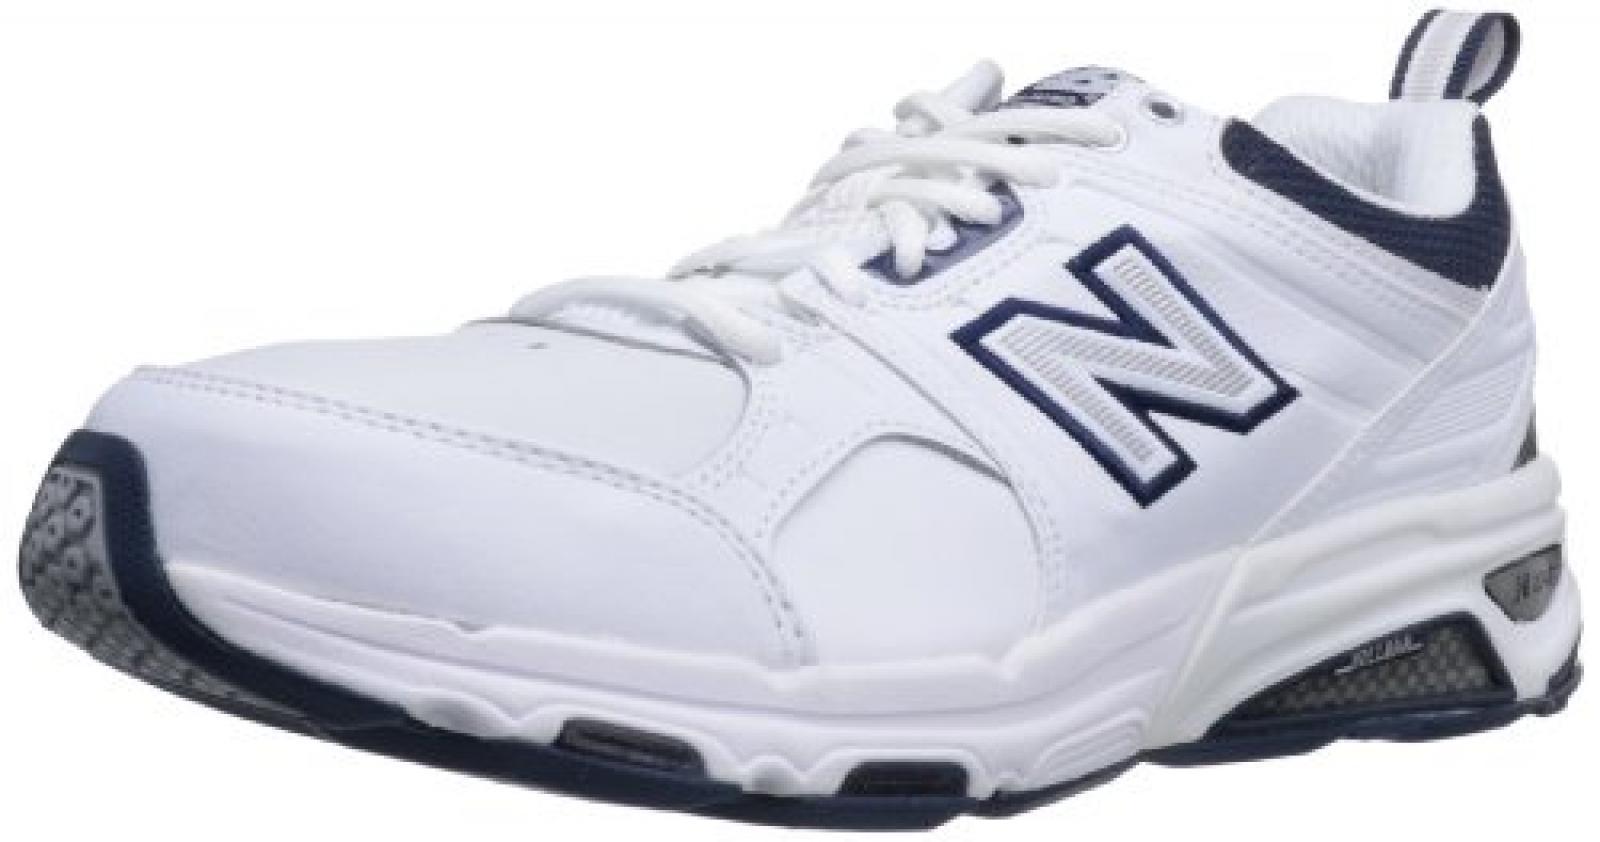 New Balance , Herren Laufschuhe, - White with Navy - Größe: 46